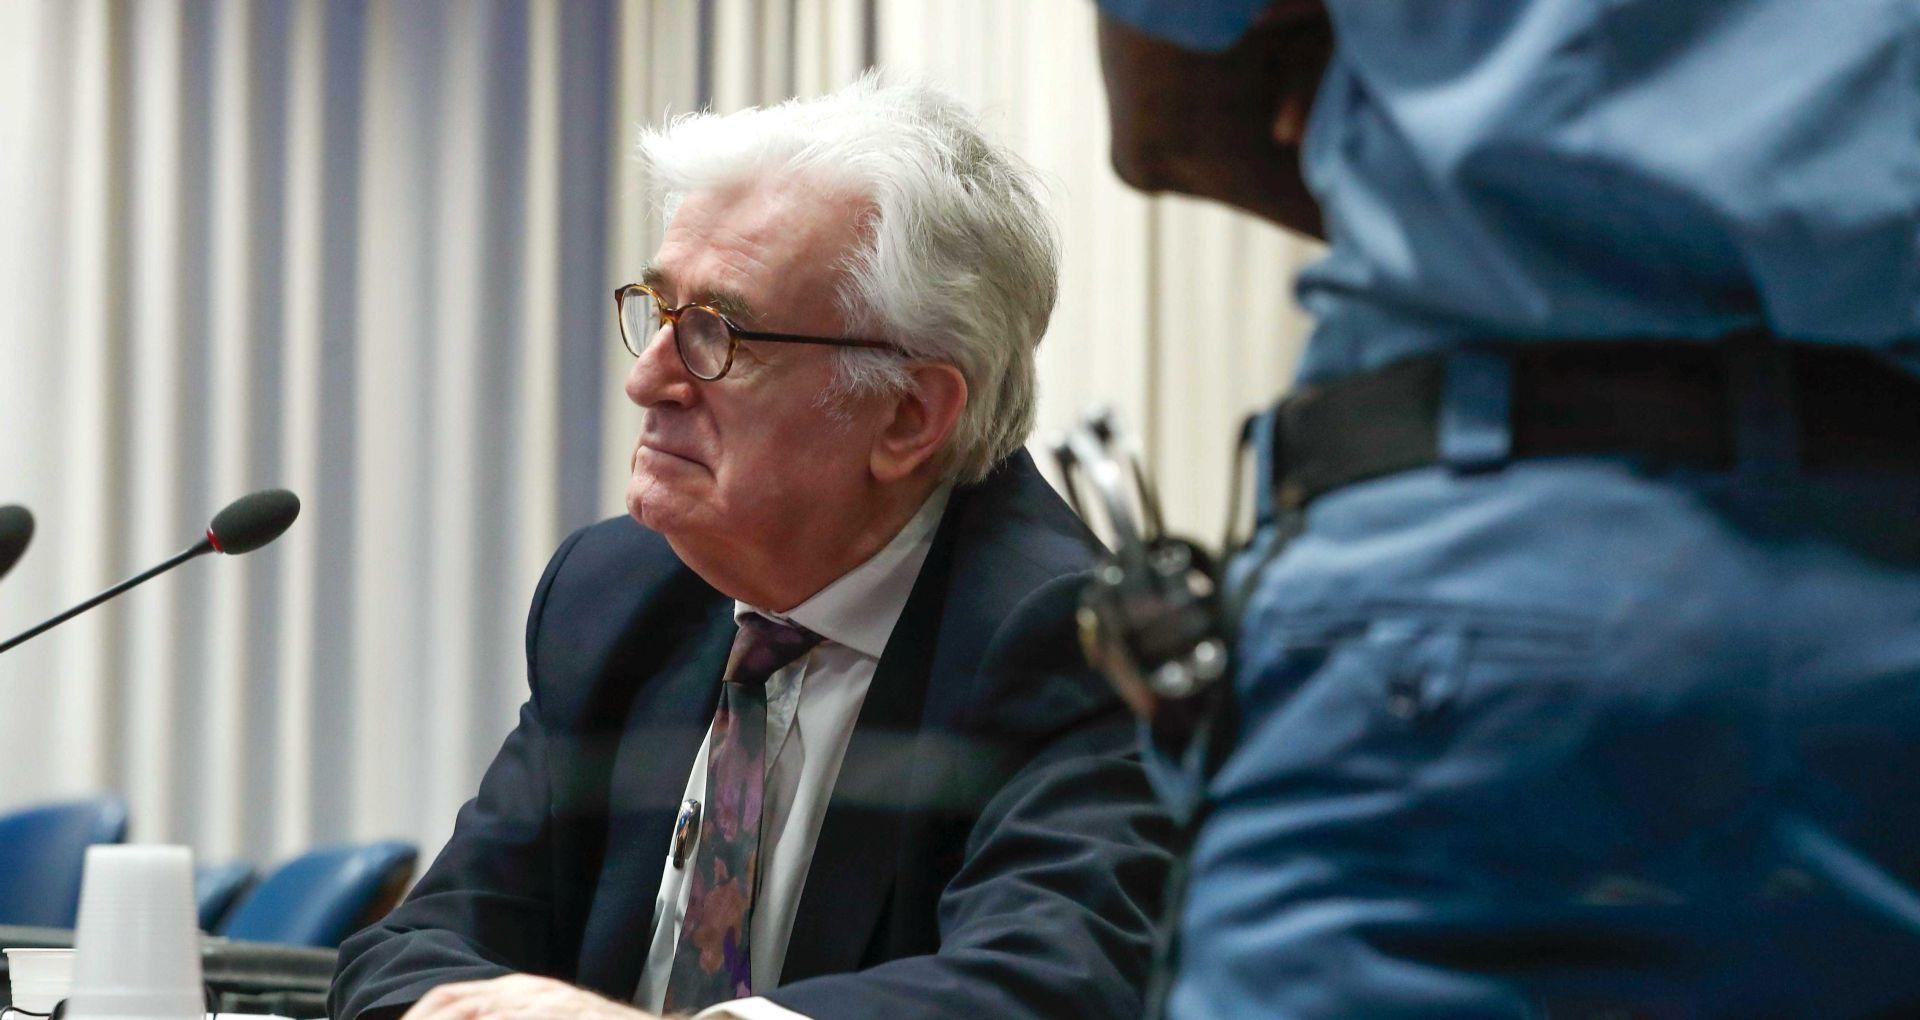 Karadžić kaže da ništa nije znao o zločinima i traži oslobađanje